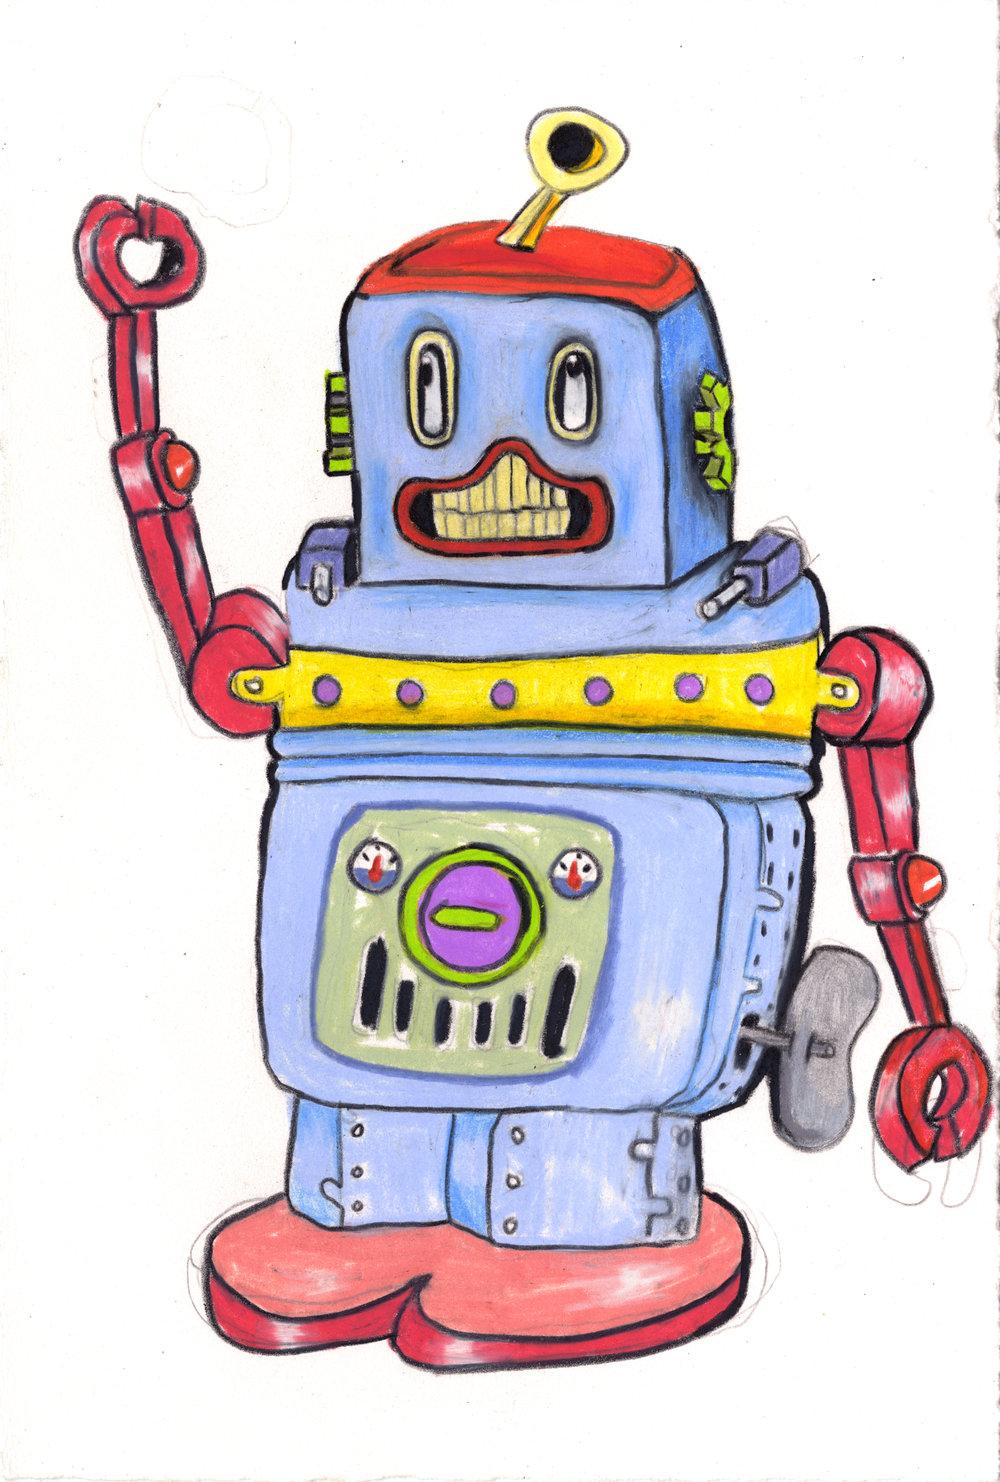 Robot 5.jpeg